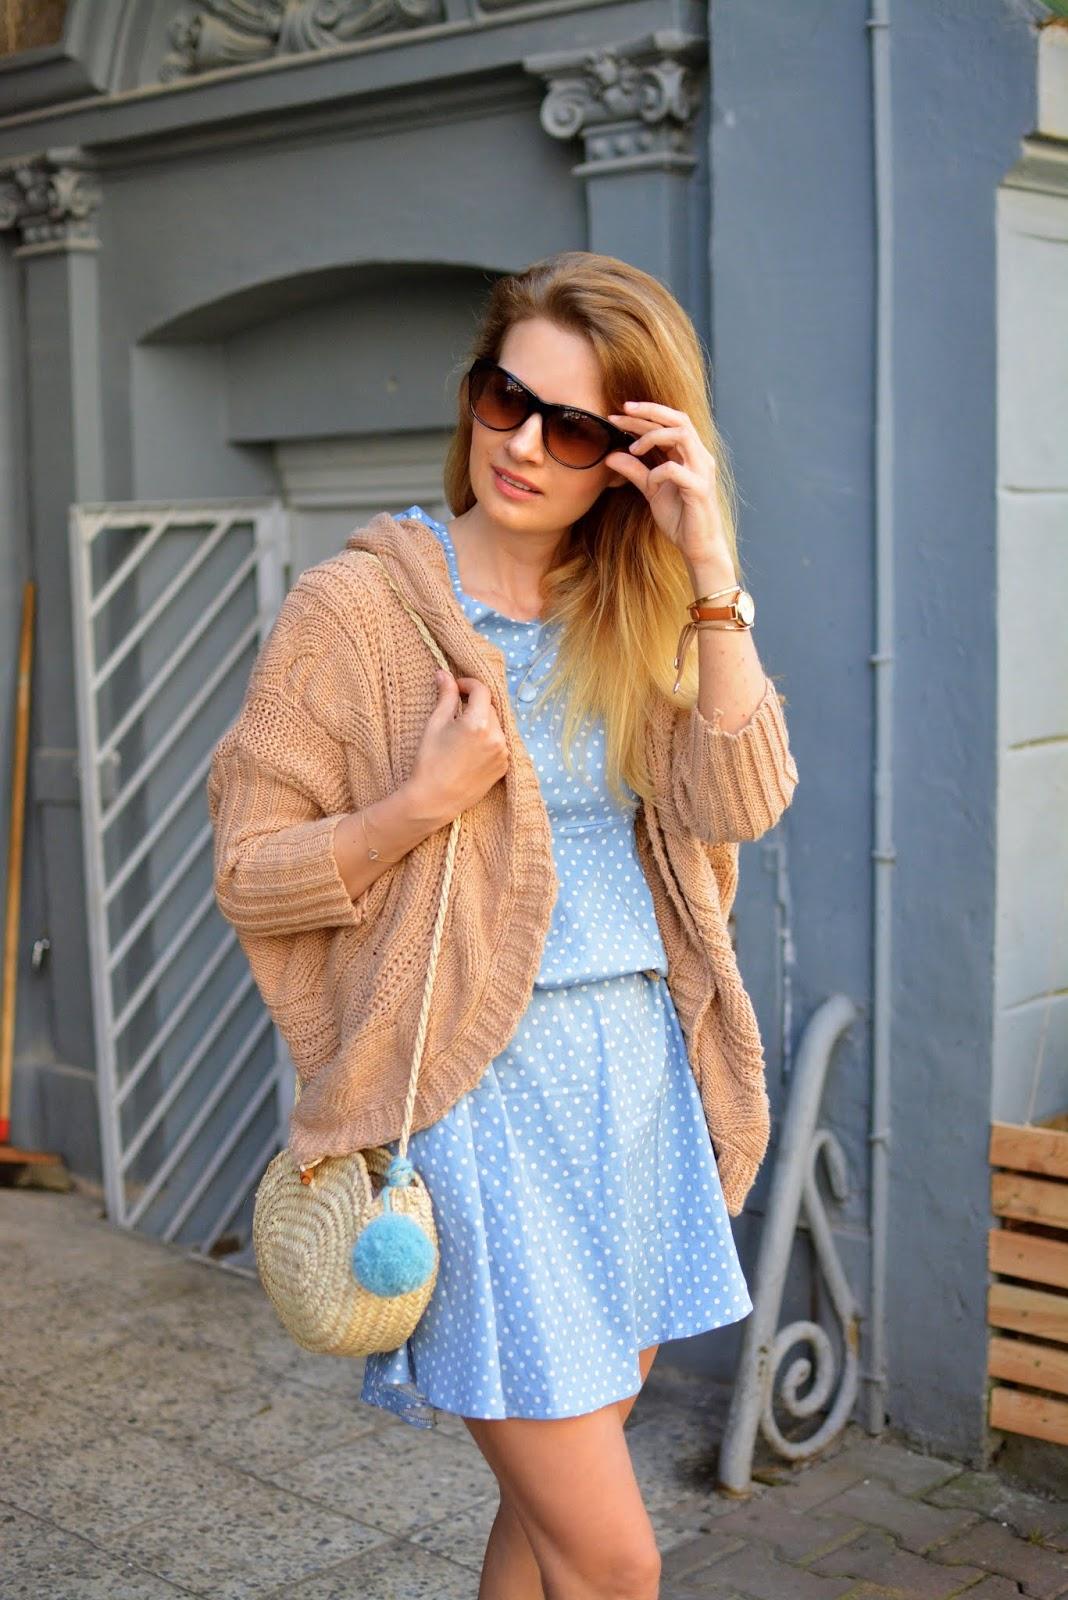 kamila libelula, kamila fleszar, sukienka w groszki, kardigan, poznan, stylizacja, bloger, jesien, blog, libelula